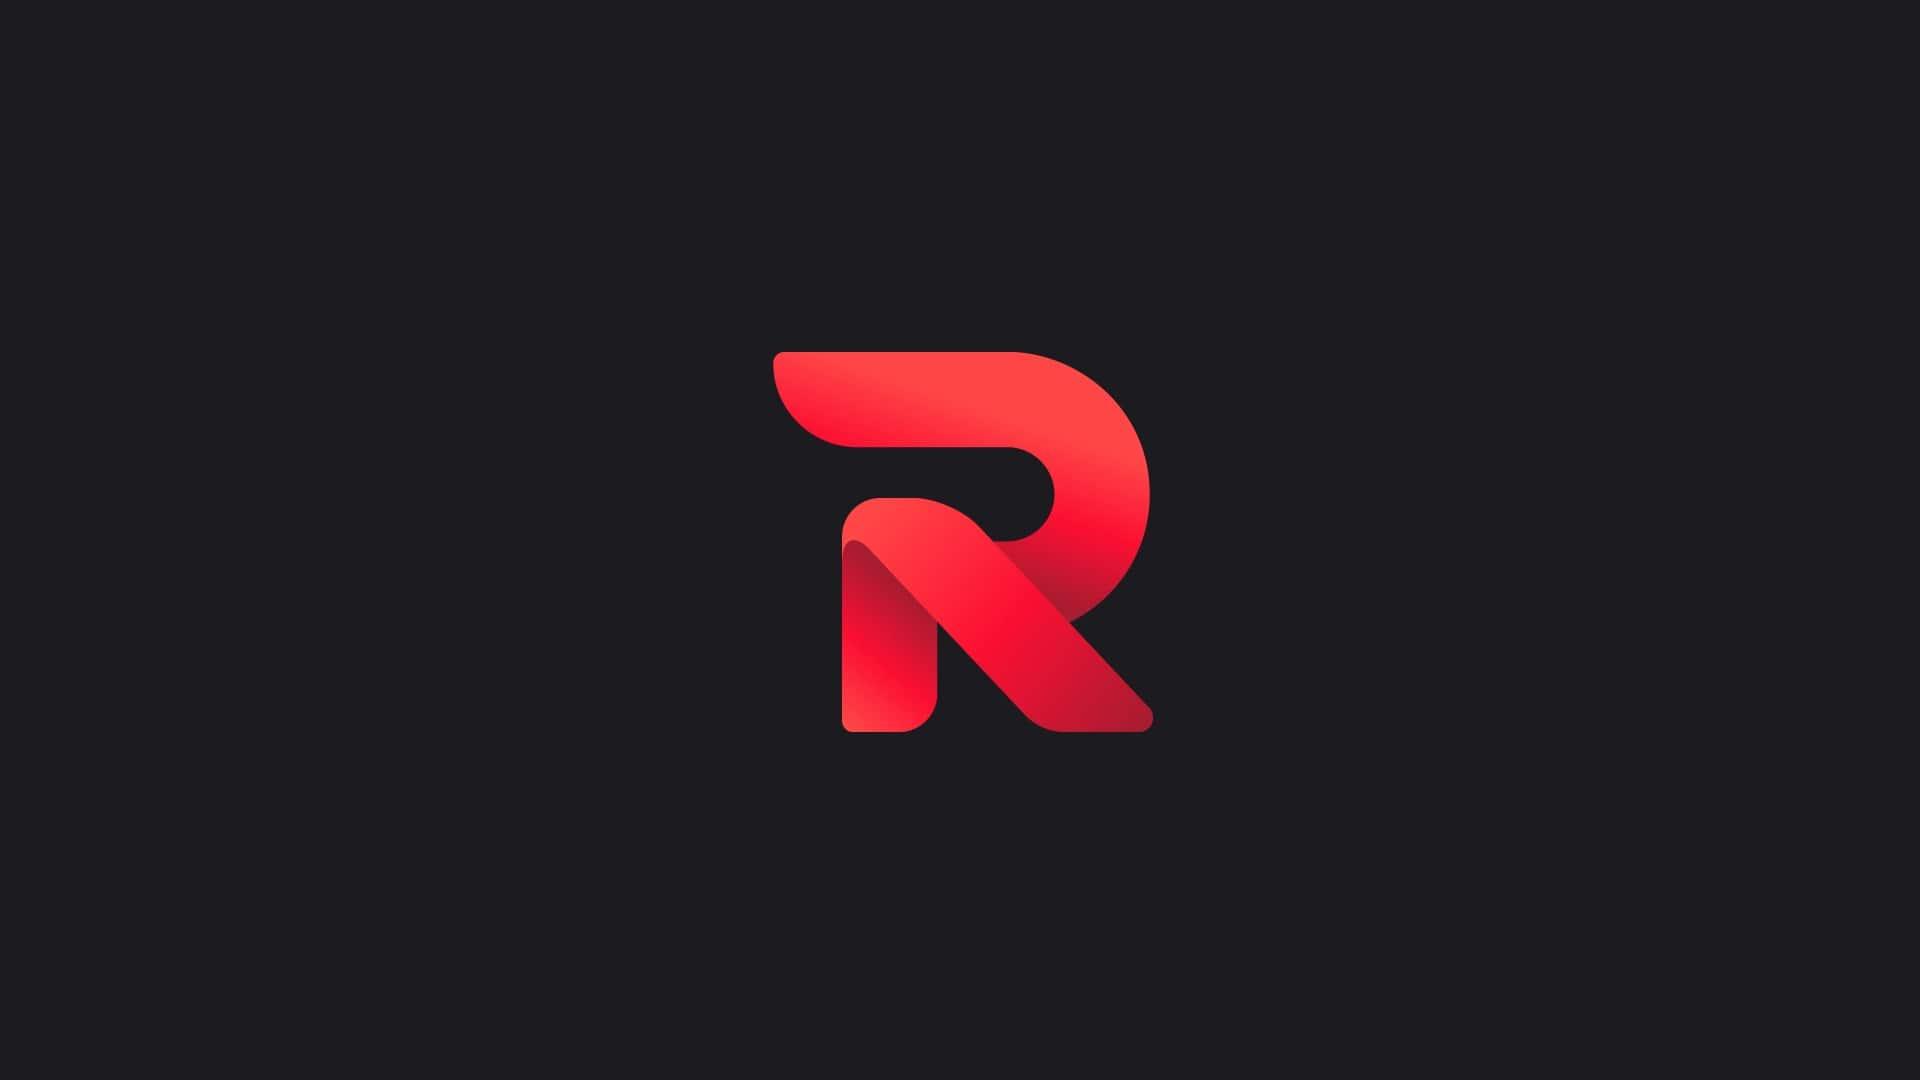 Rythm Bot Logo Wallpaper